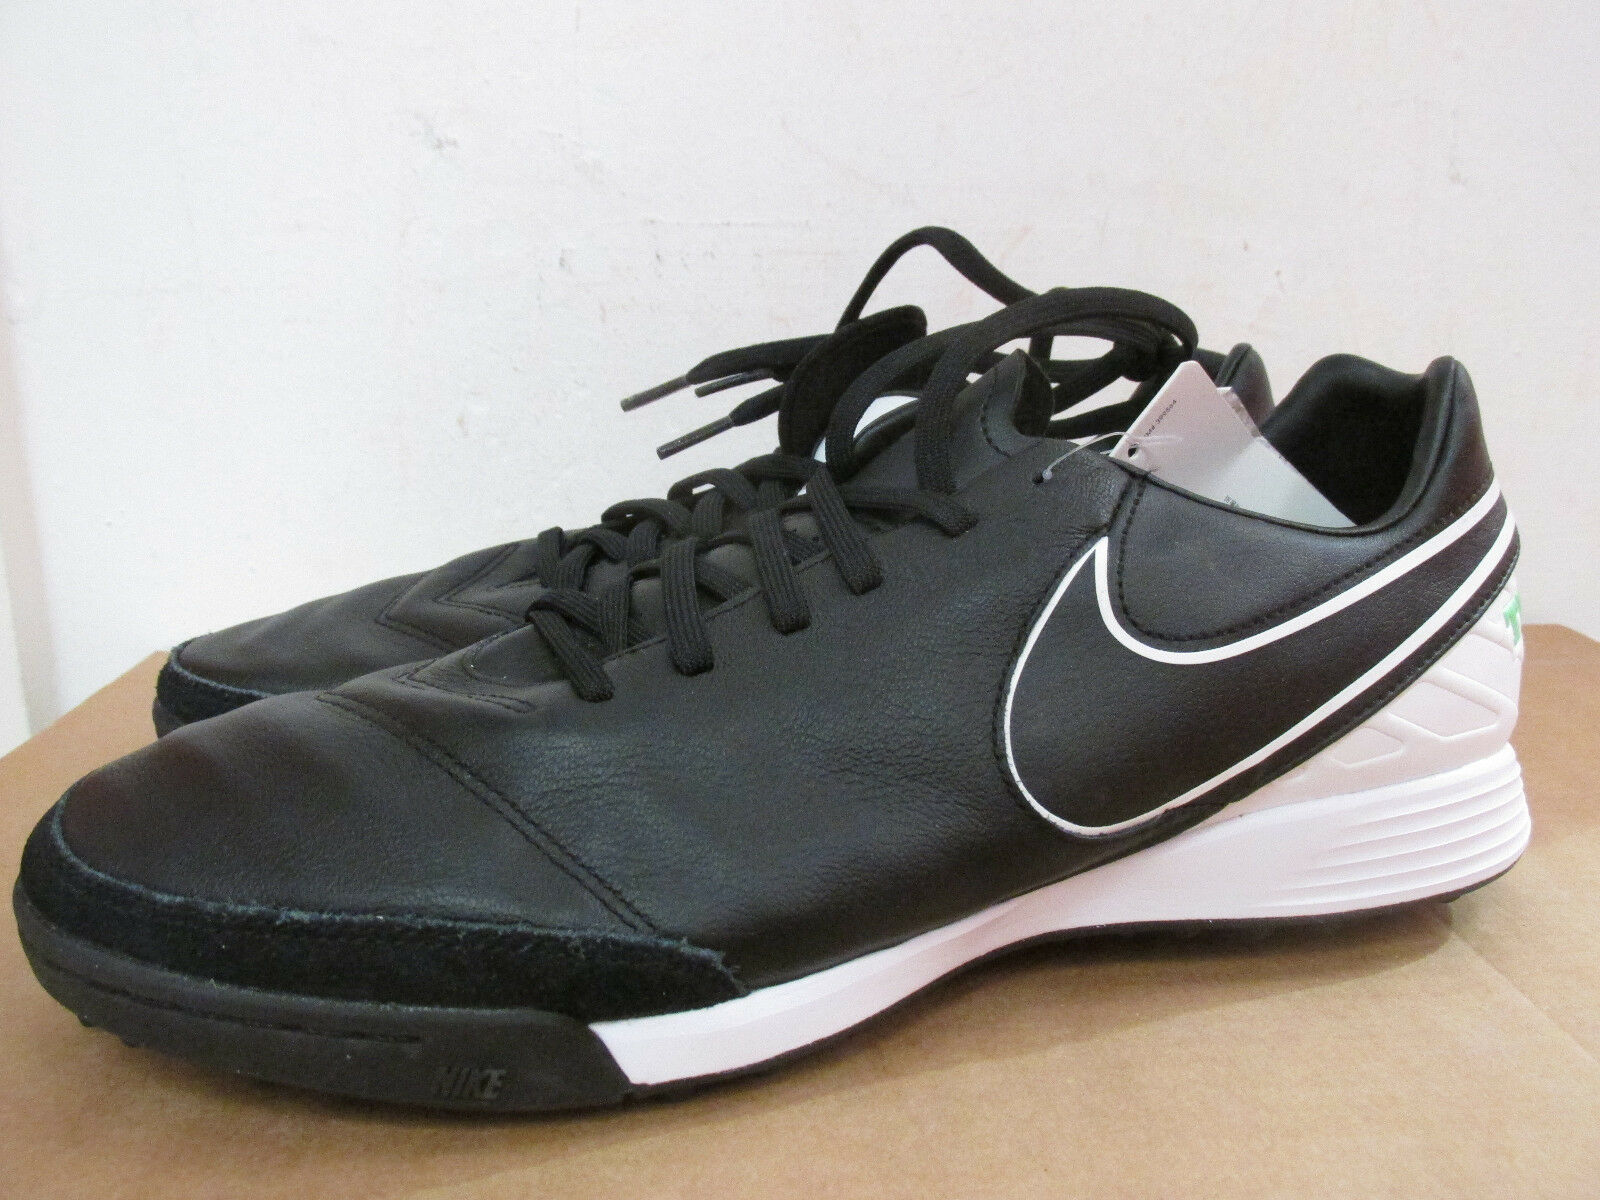 Nike tiempox mystic / tf zapatillas c  accelerato 819224  002 botas de f  819224 tbol muestra 3b705f